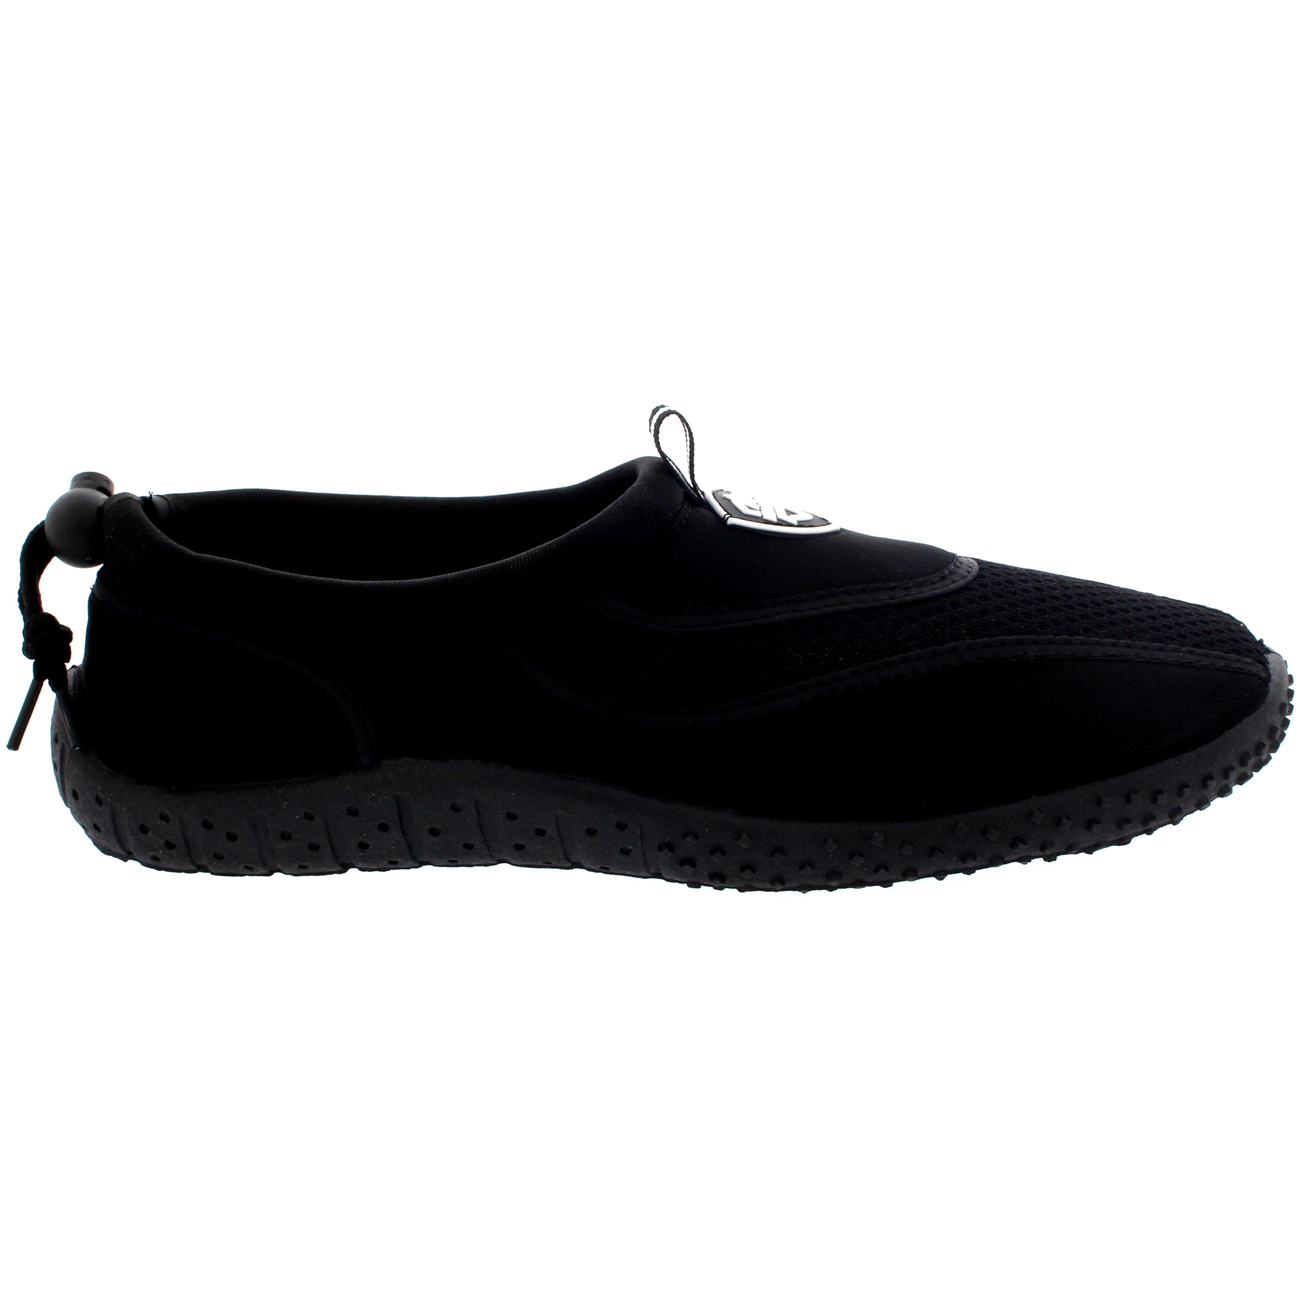 Aqua Shoes Mens Uk